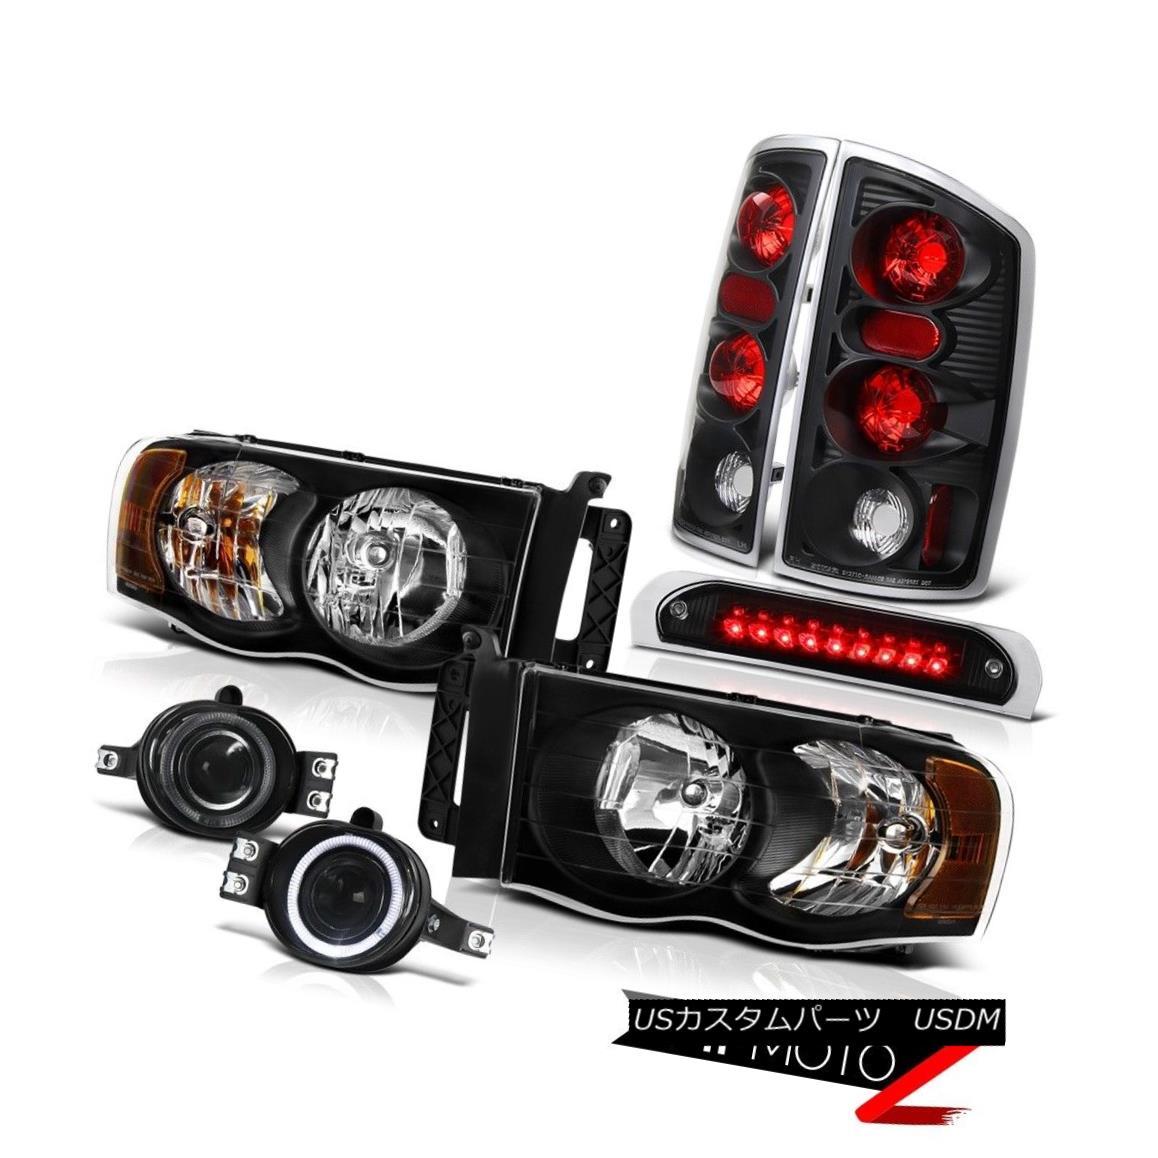 テールライト Black Headlights Rear Signal Brake Lights Smoke Fog Stop LED 02 03 04 05 Ram V6 ブラックヘッドライトリアシグナルブレーキライトスモークフォグストップLED 02 03 04 05 Ram V6